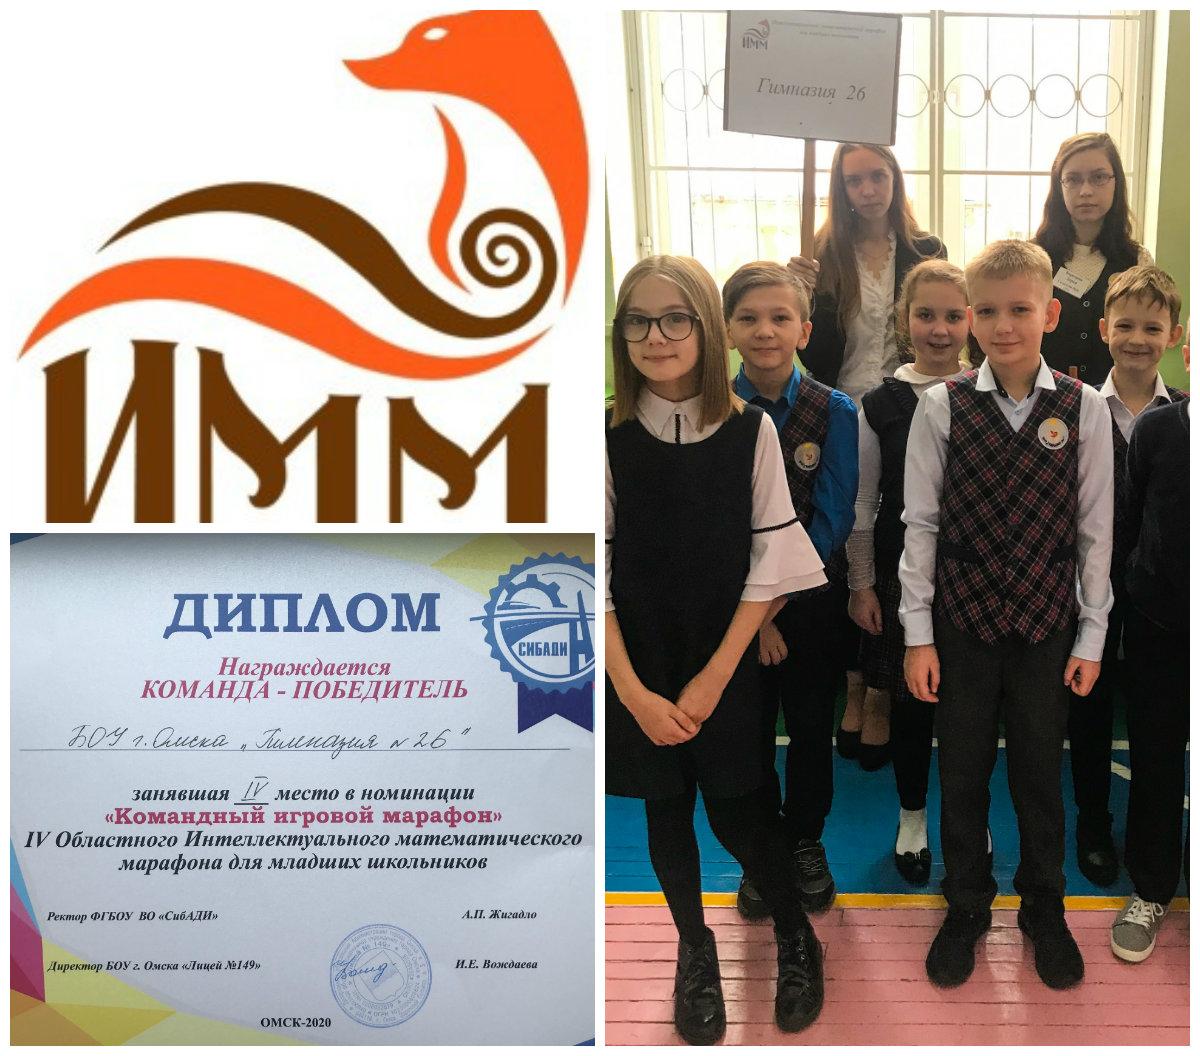 lV Областной интеллектуальный математический марафон для младших школьников.